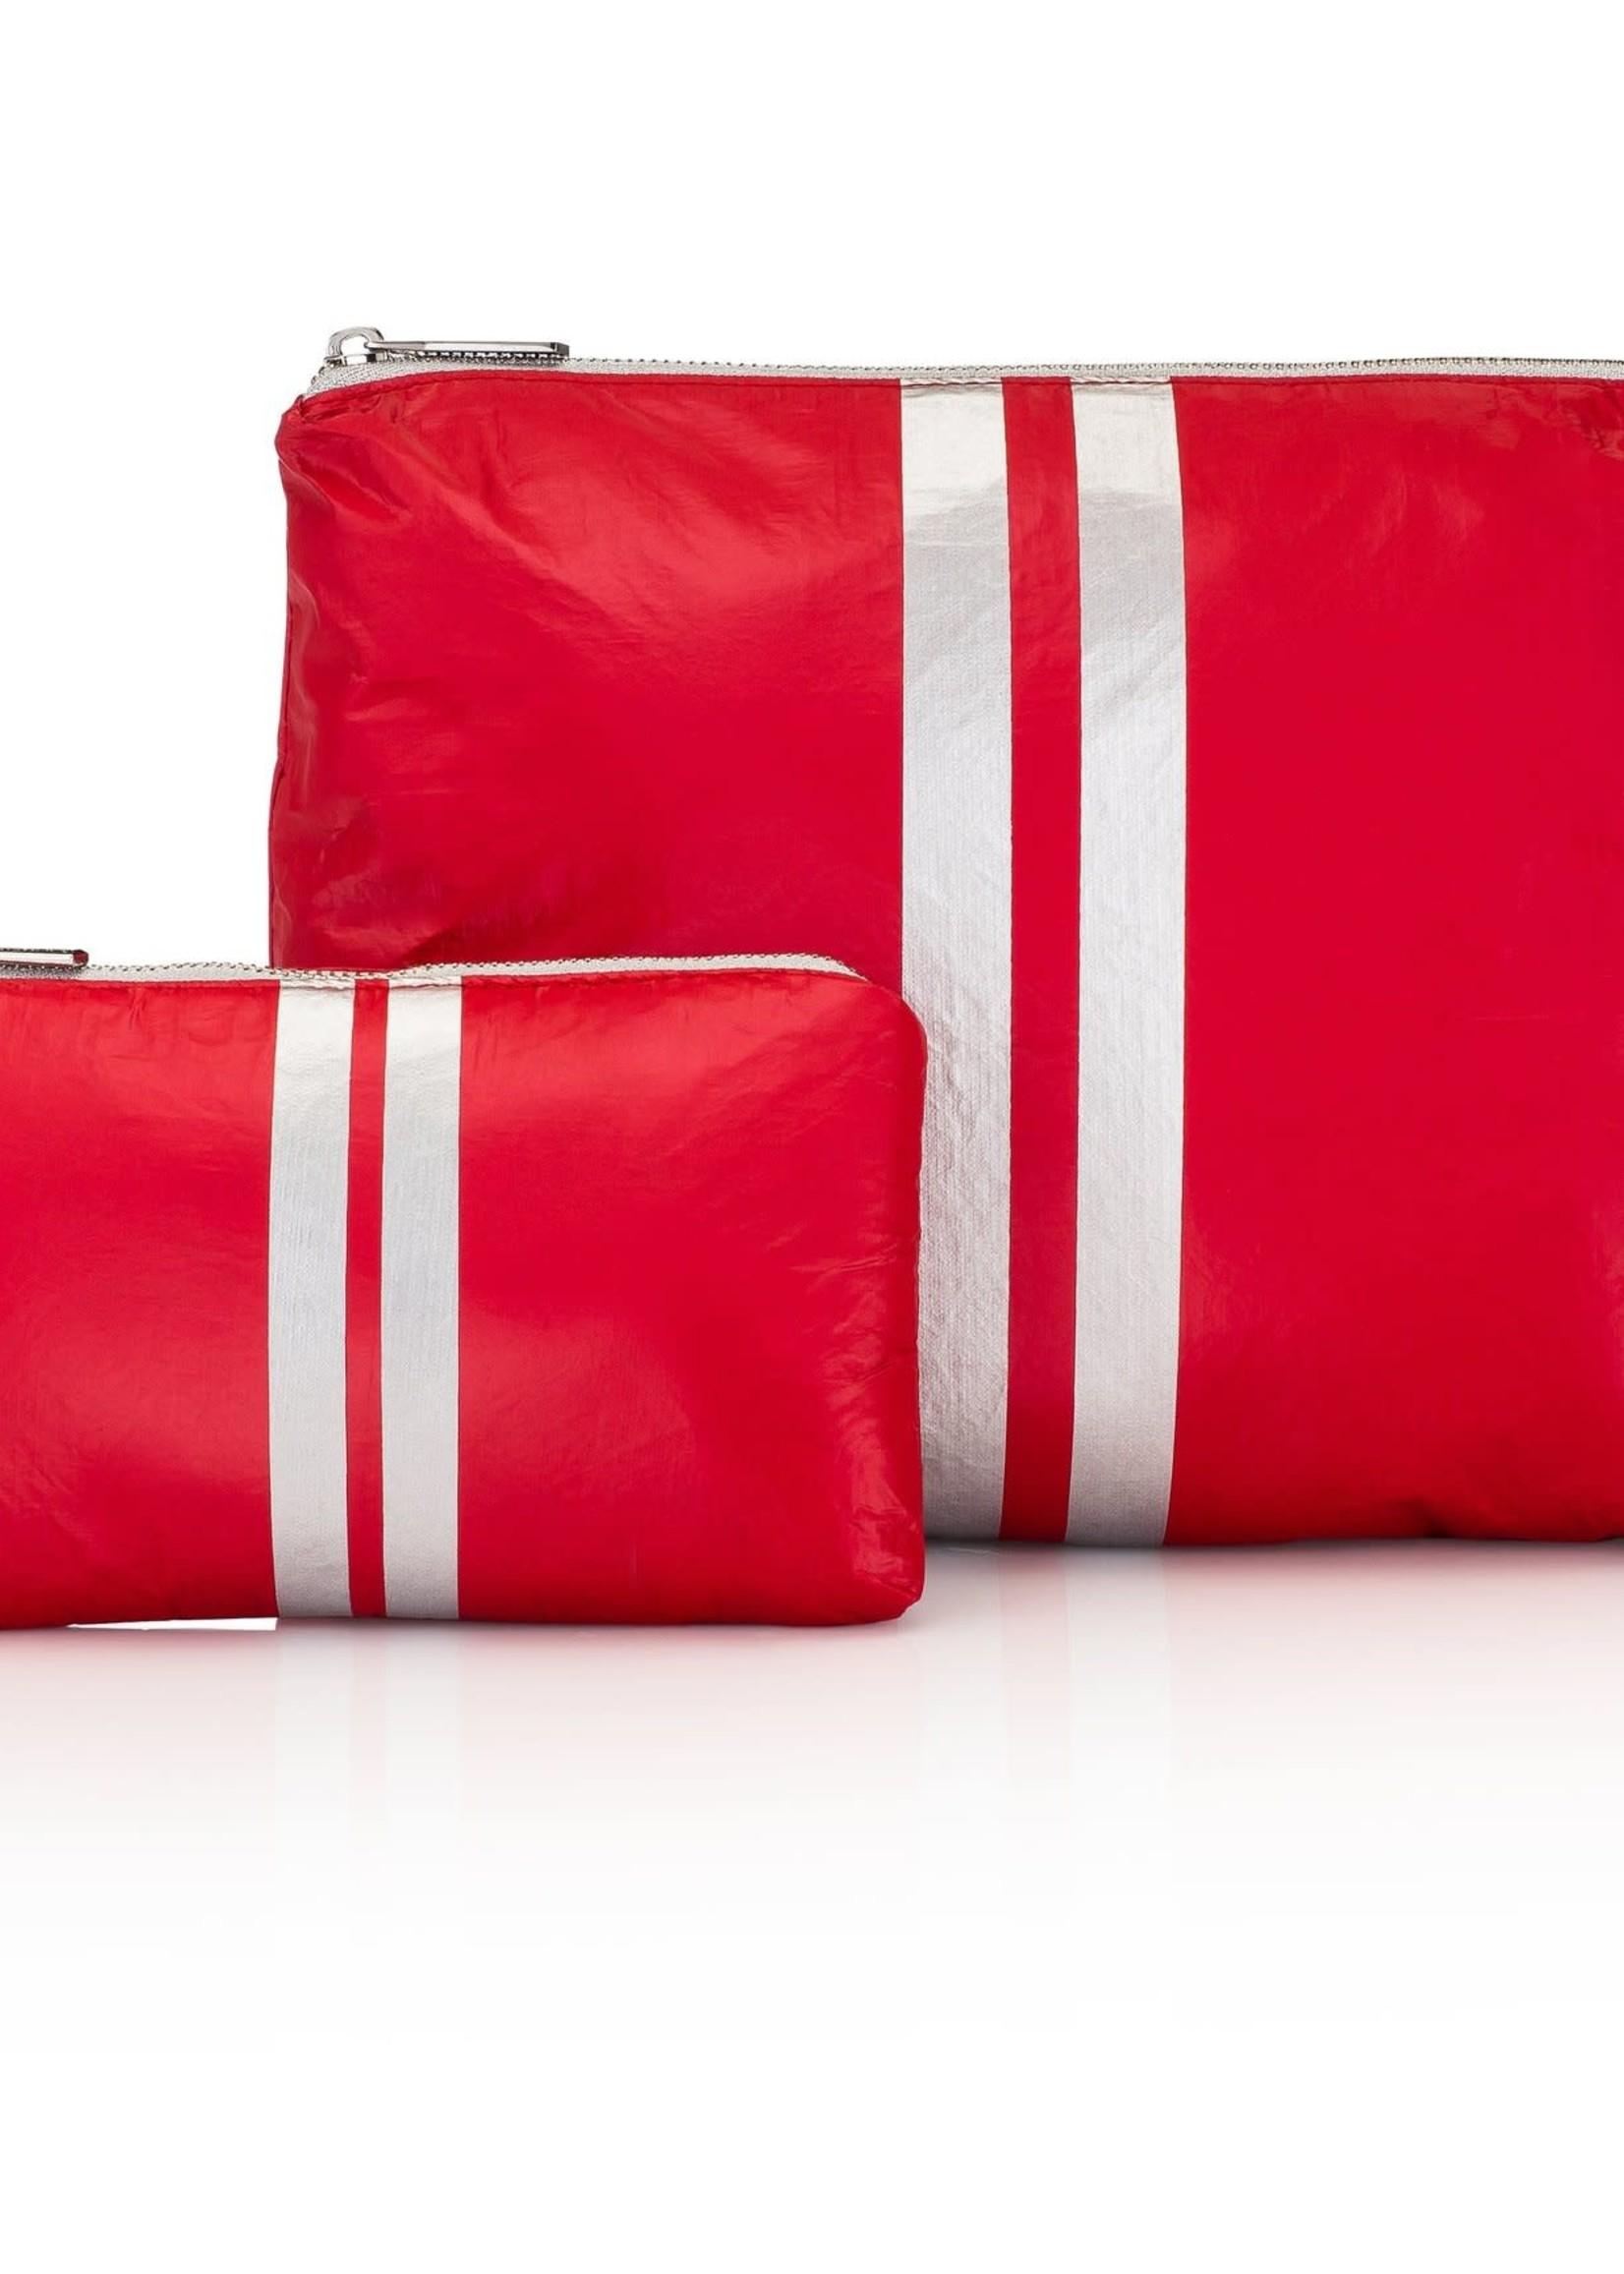 Set of Two Red Metallic